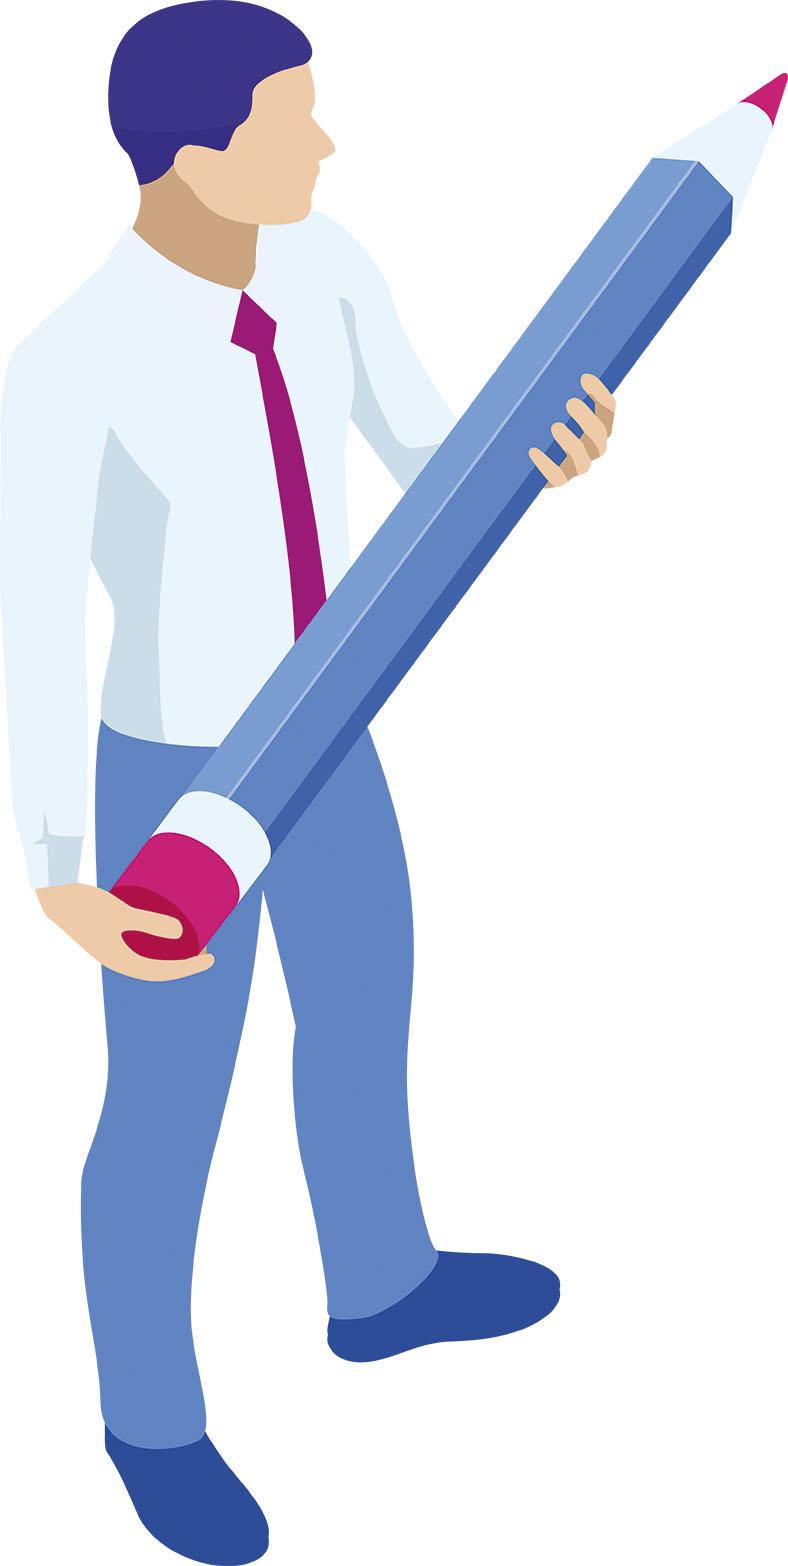 Grafik in Blautönen zeigt eine Person, die einen übergroßen Buntstift in den Händen hält.